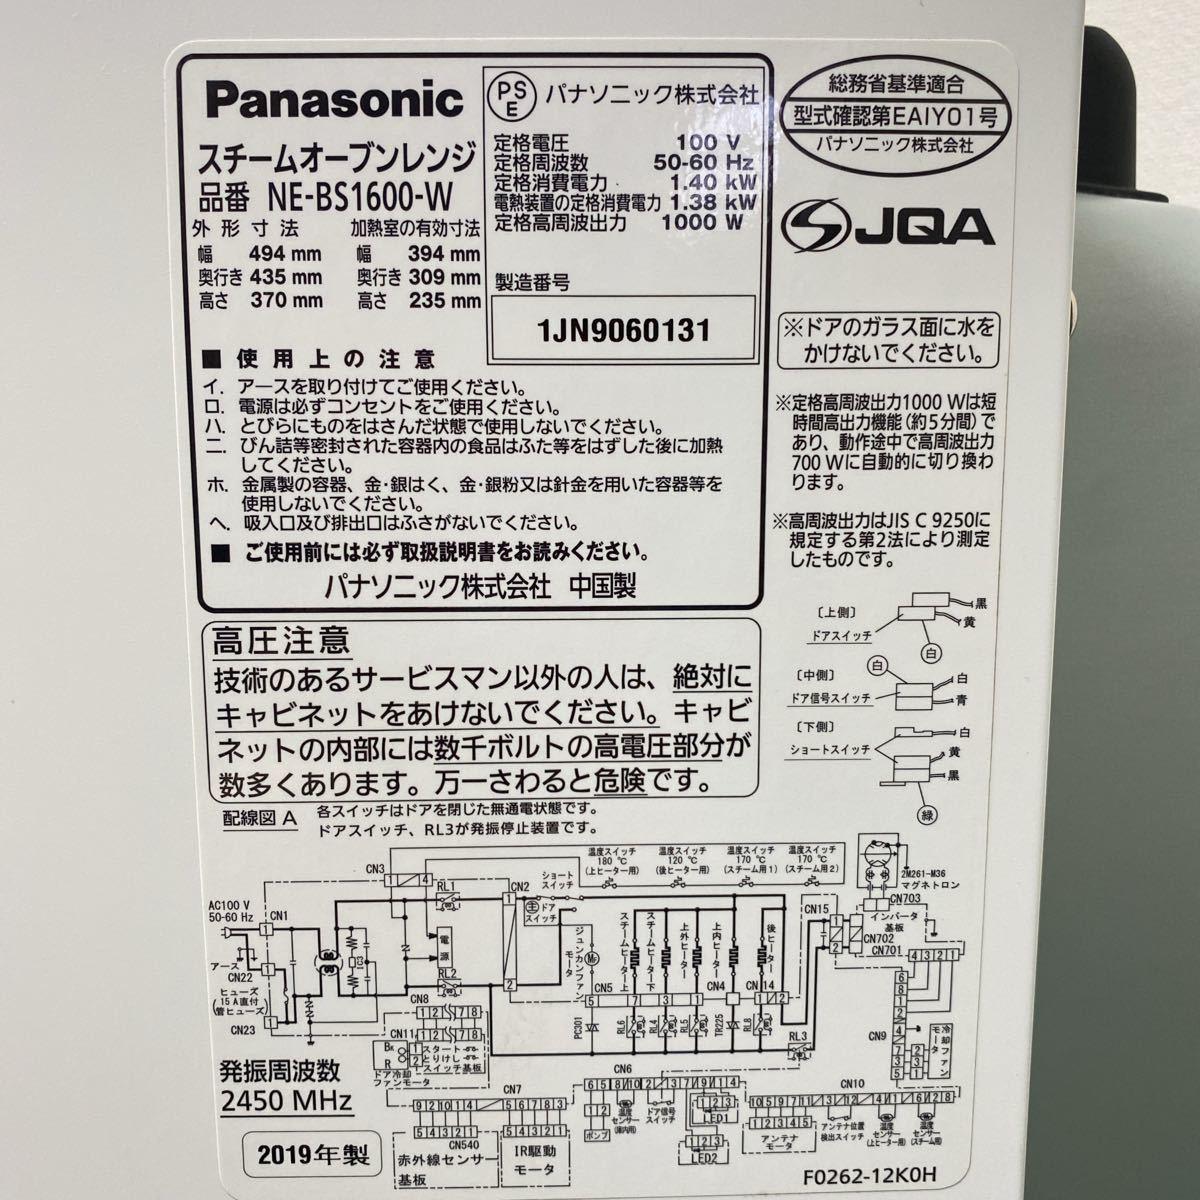 * Panasonic スチームオーブンレンジ 3つ星ビストロ 2019年製*0529-3